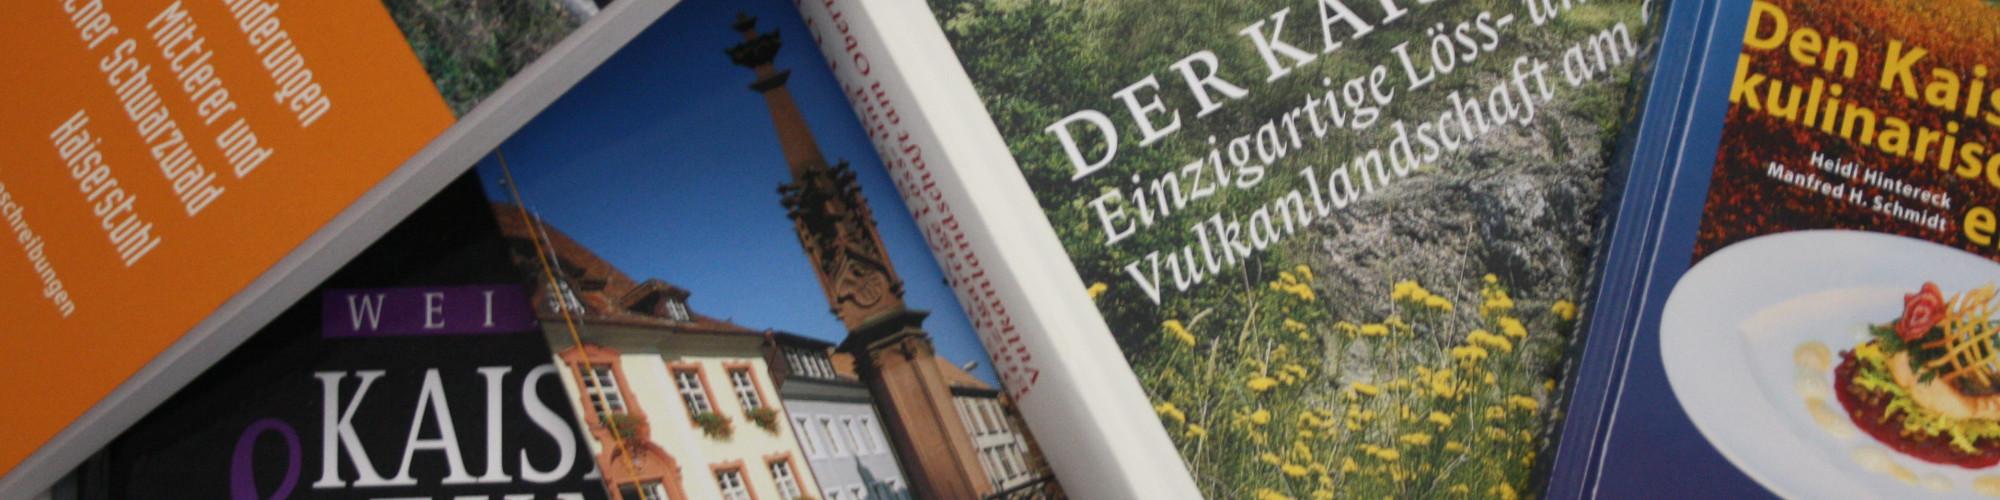 Bücher über den Kaiserstuhl